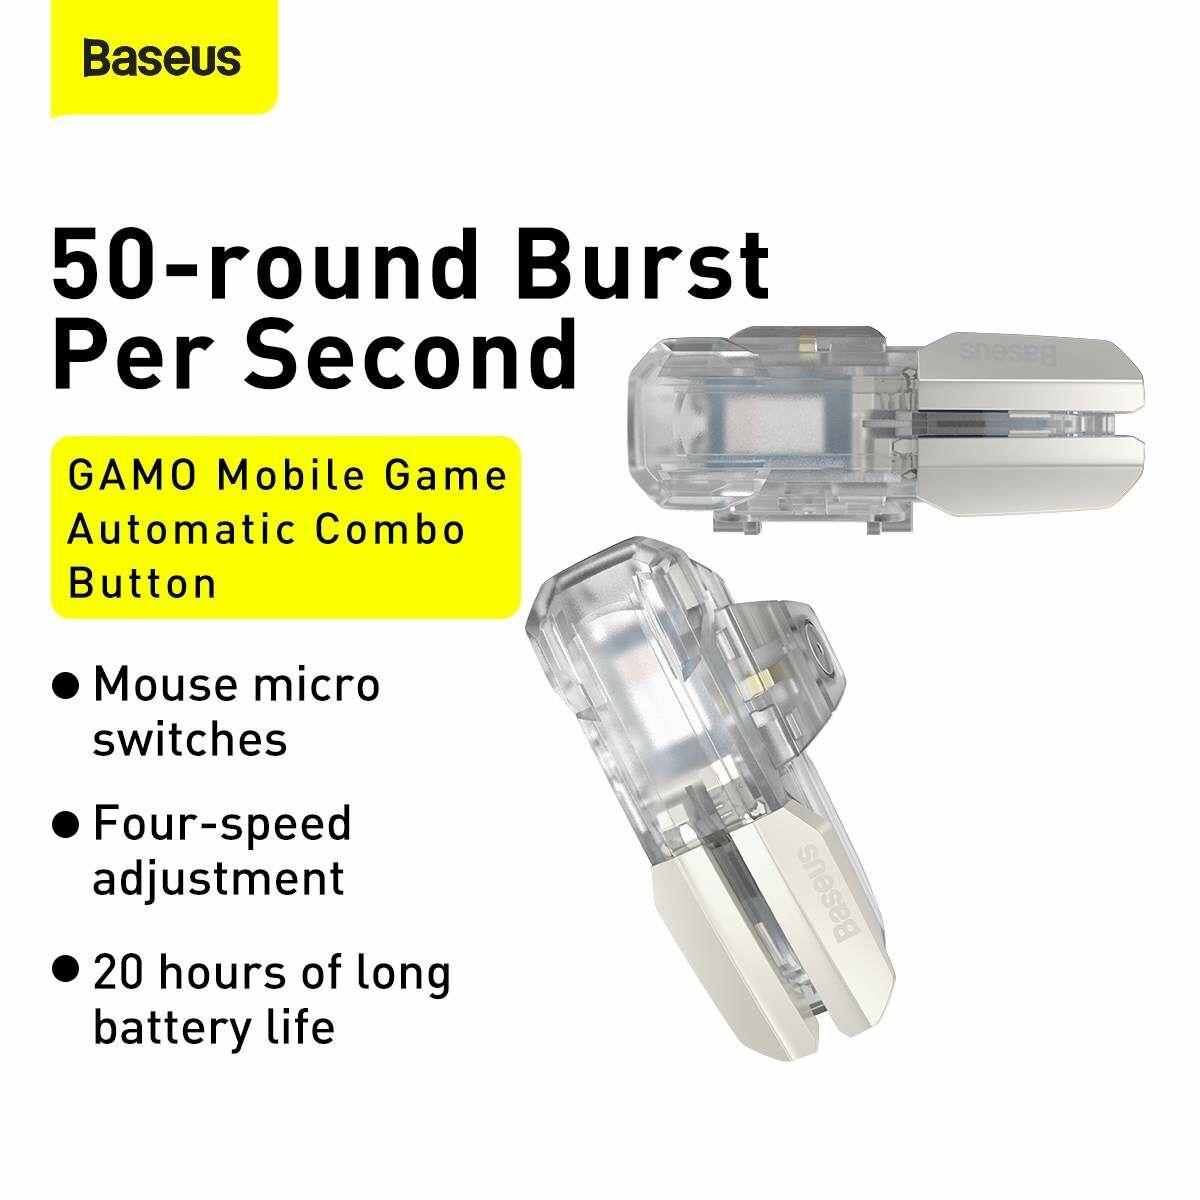 Baseus játék eszköz, GAMO Automatic combo button GA09, jobb kezes vezérlő mobil játékhoz, átlátszó (GMGA09-01)